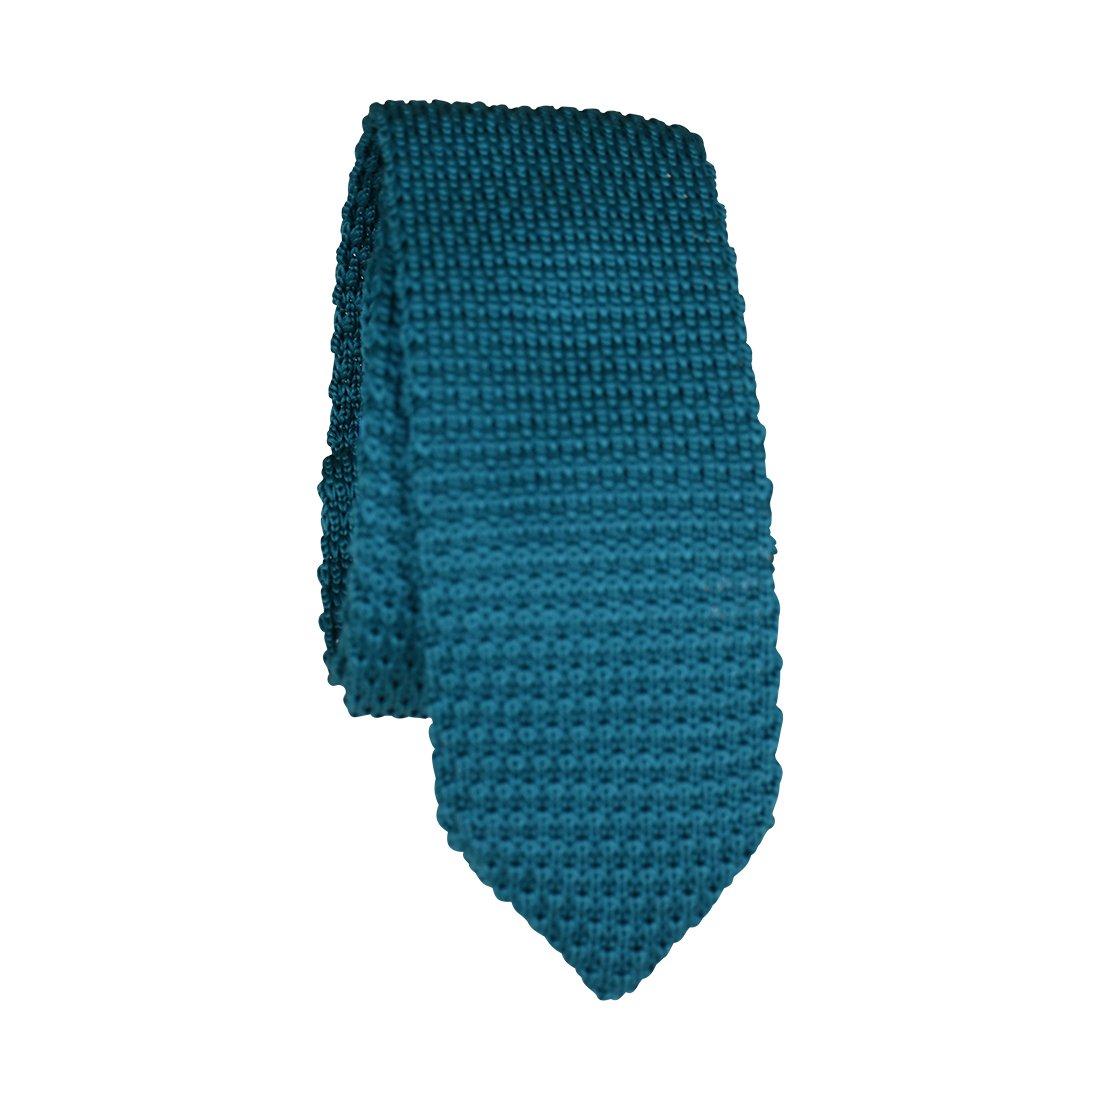 Teal Textured Knit Junior Necktie Formal Boys Tie 60''